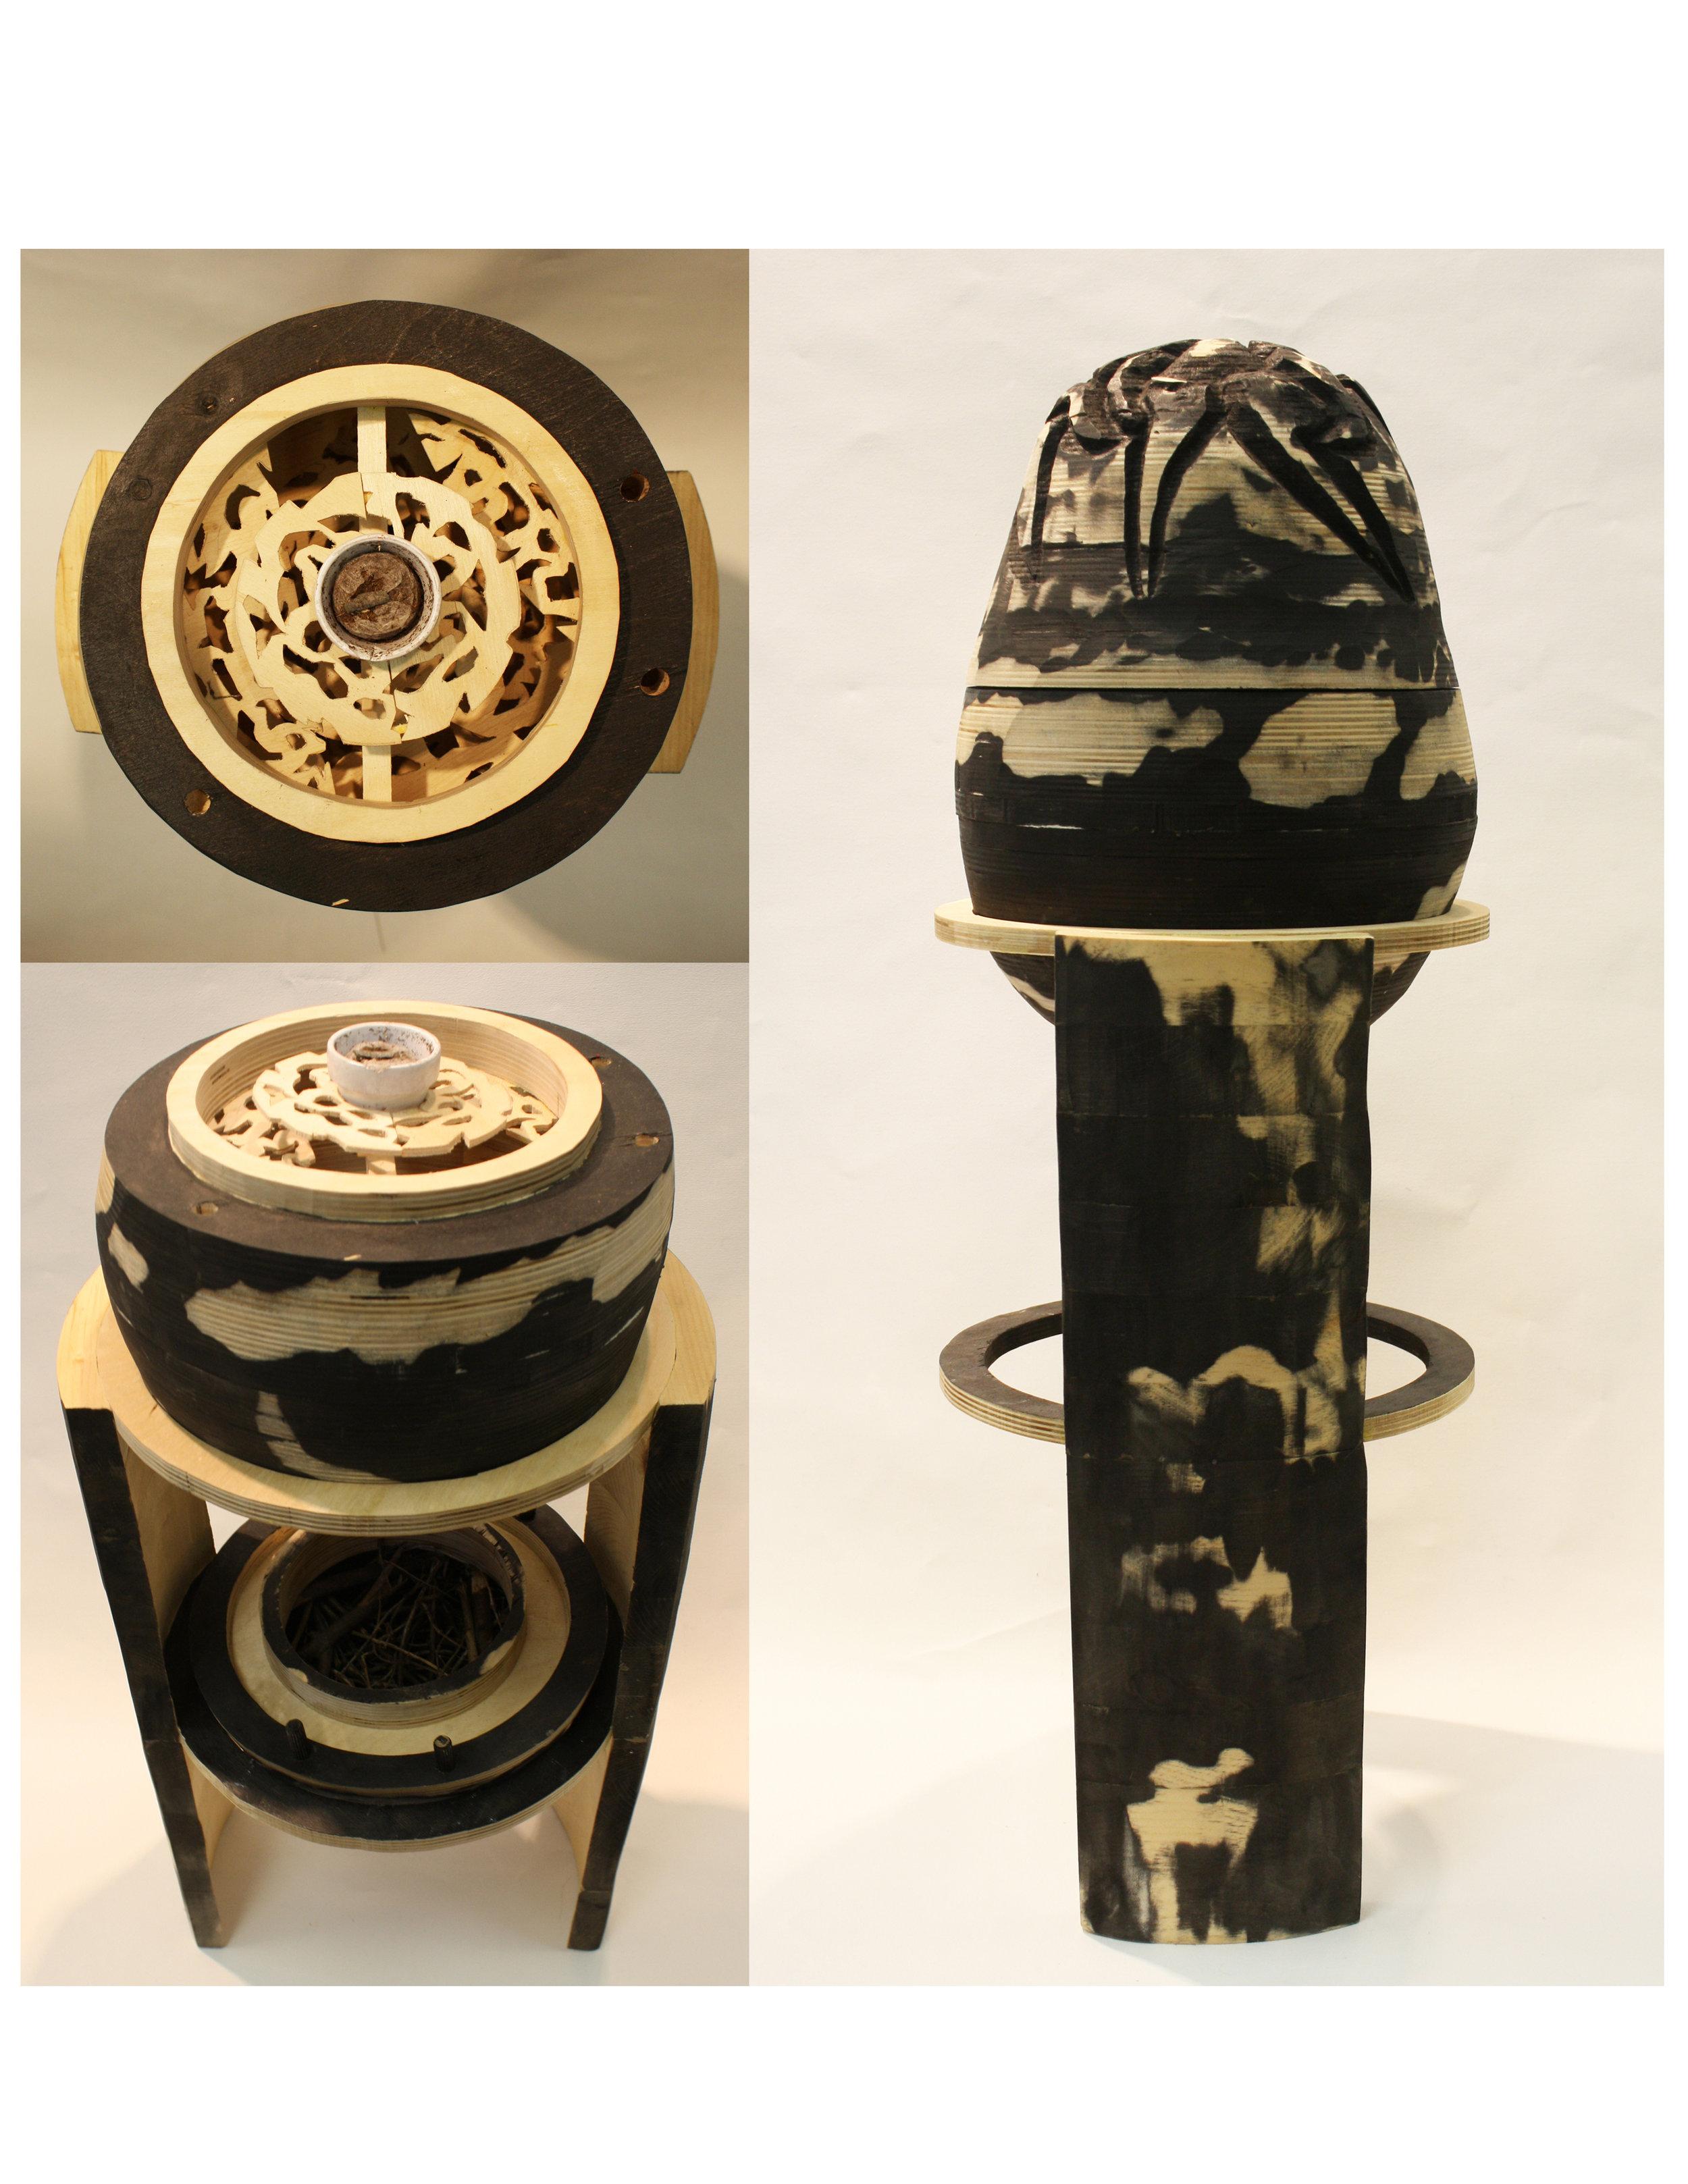 Egg. 2010, Wood